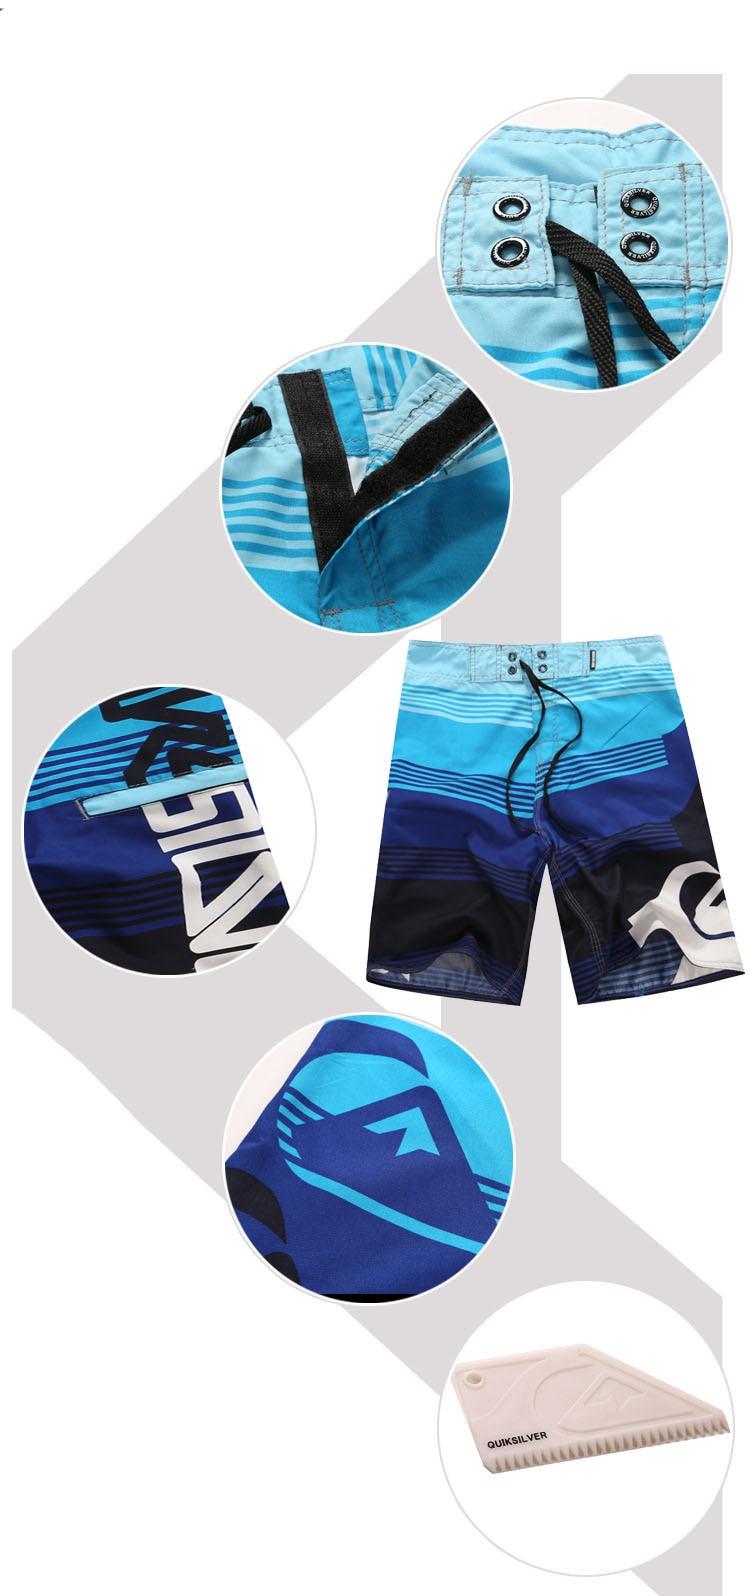 calças esportes listras azuis céu homens lazer calções quick dry plus size